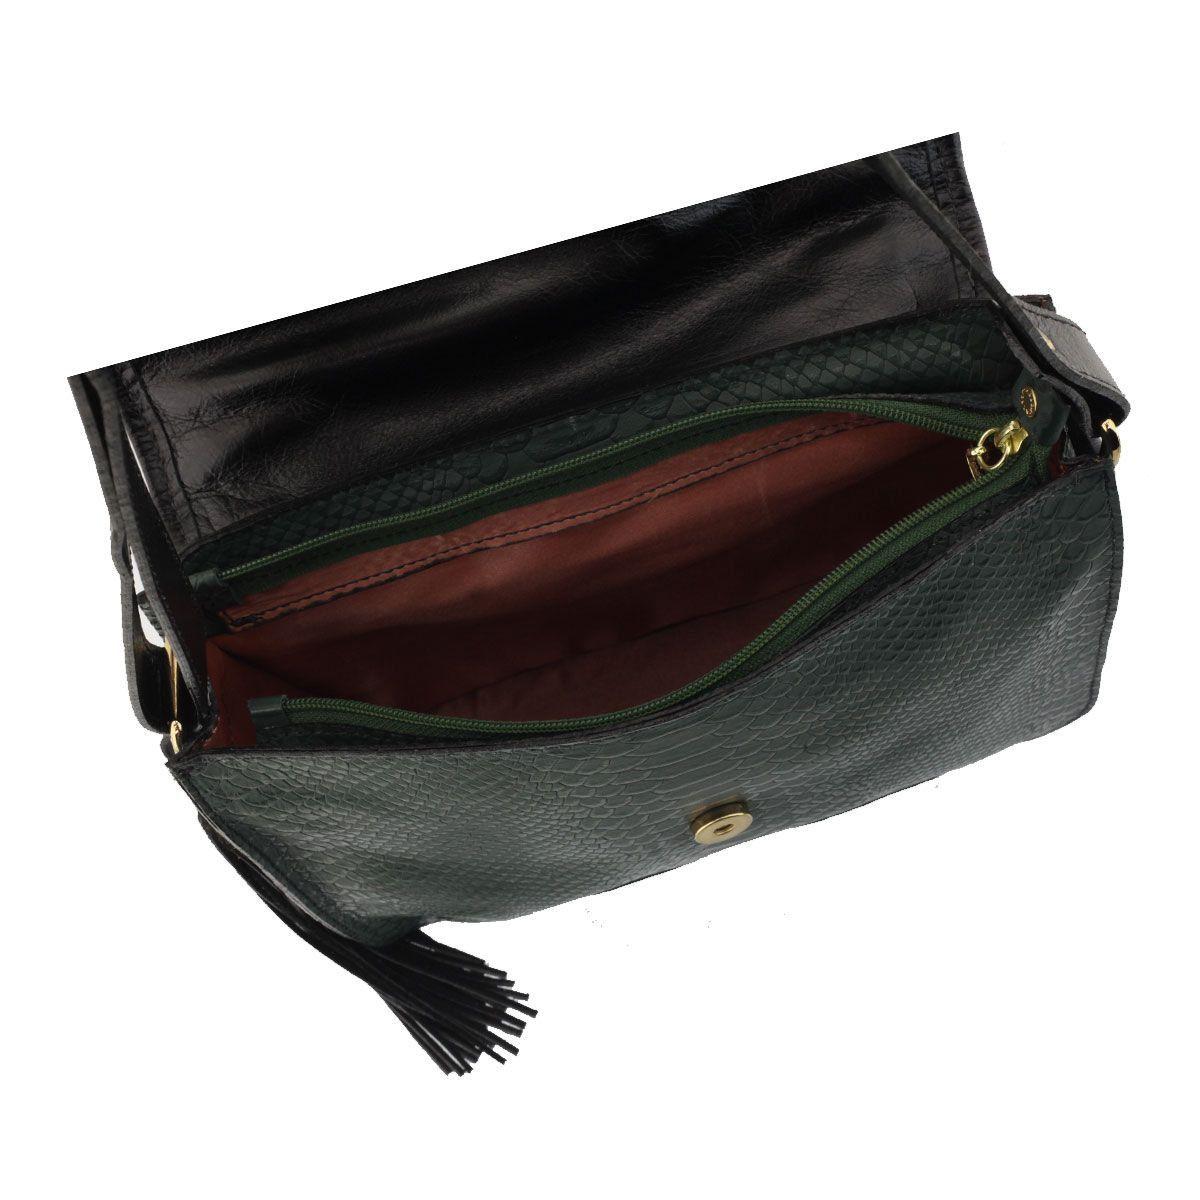 Bolsa de Couro Feminina Verde Escuro